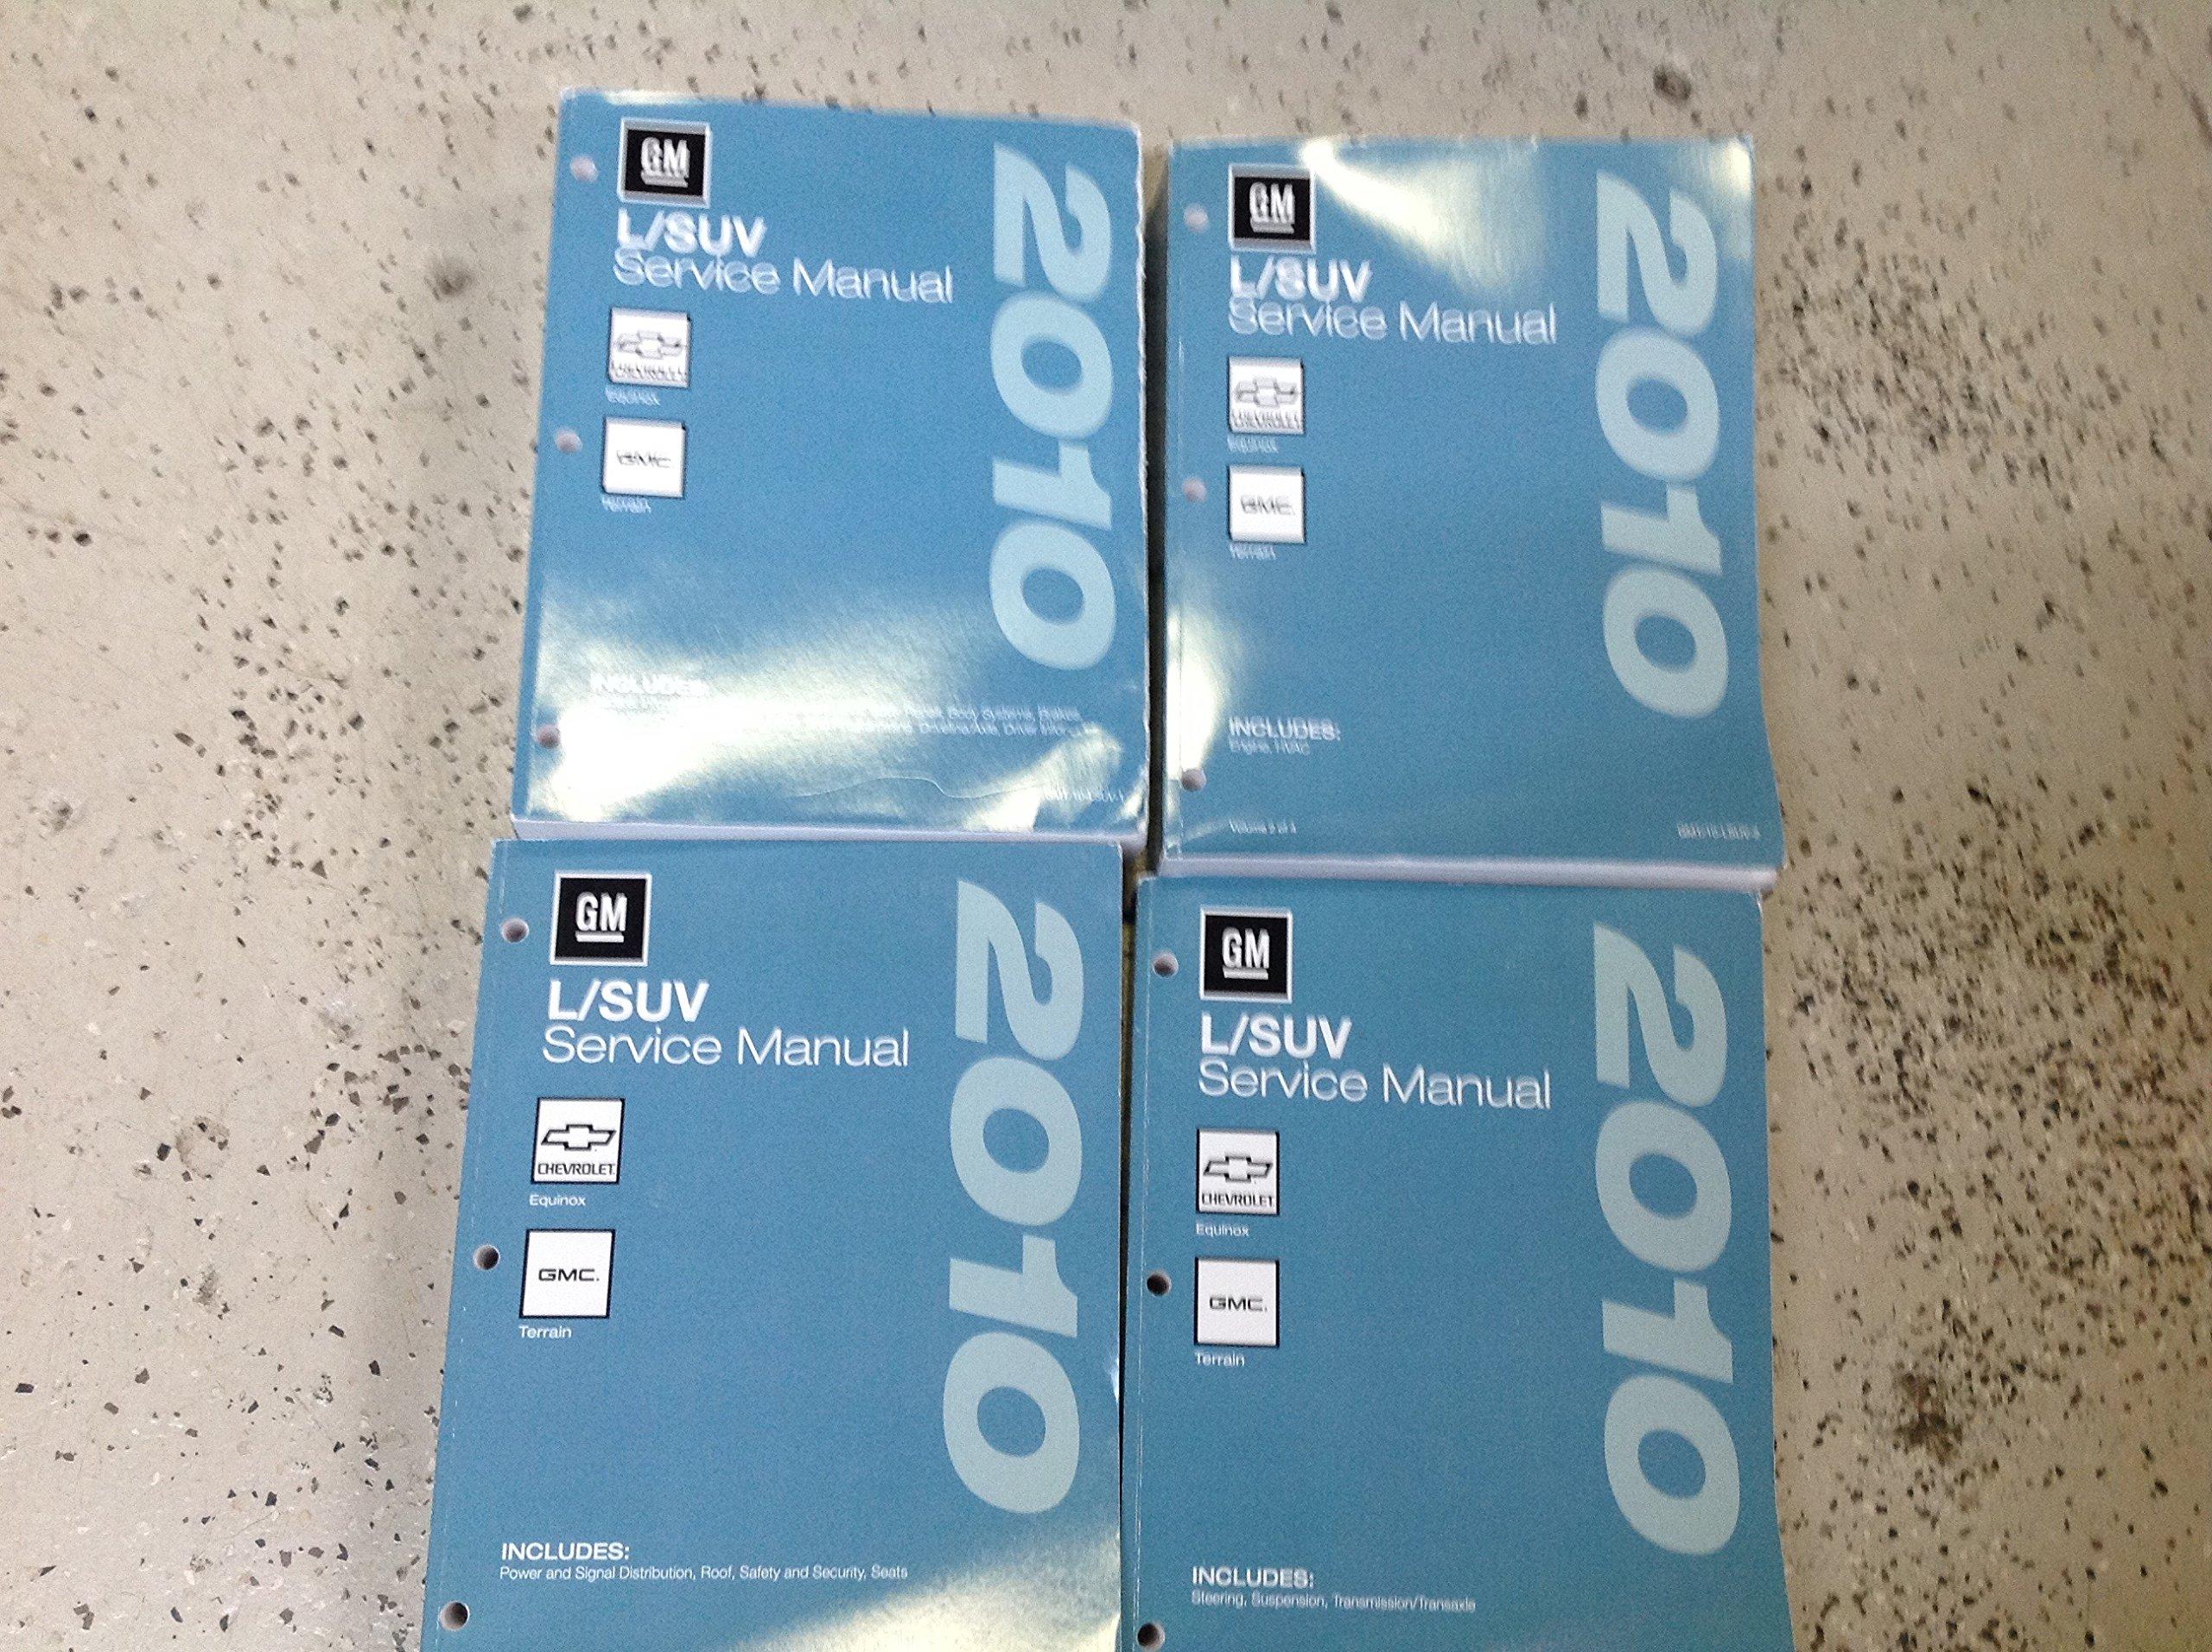 2010 gmc terrain manual download